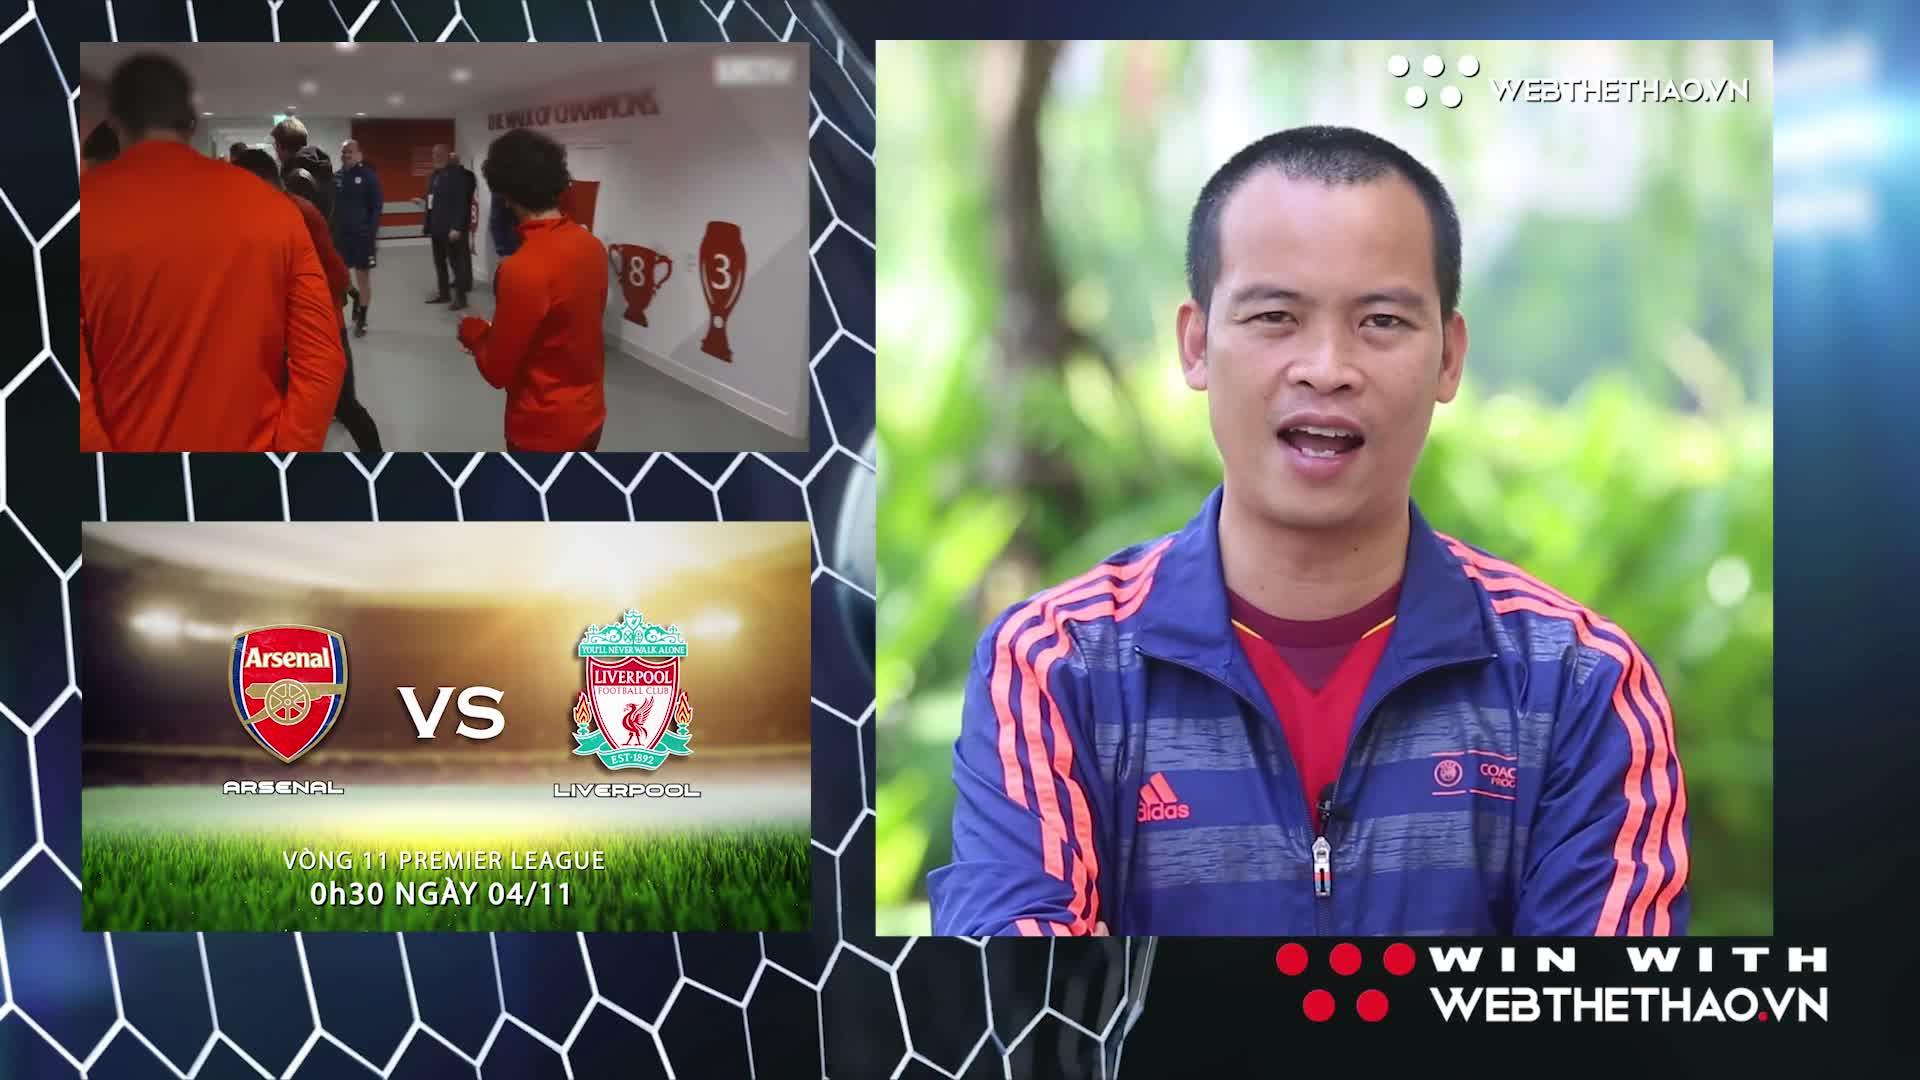 Arsenal vs Liverpool: BLV Quang Huy và nhà báo Minh Hải nhận định và dự đoán (3W - Win With Webthethao)